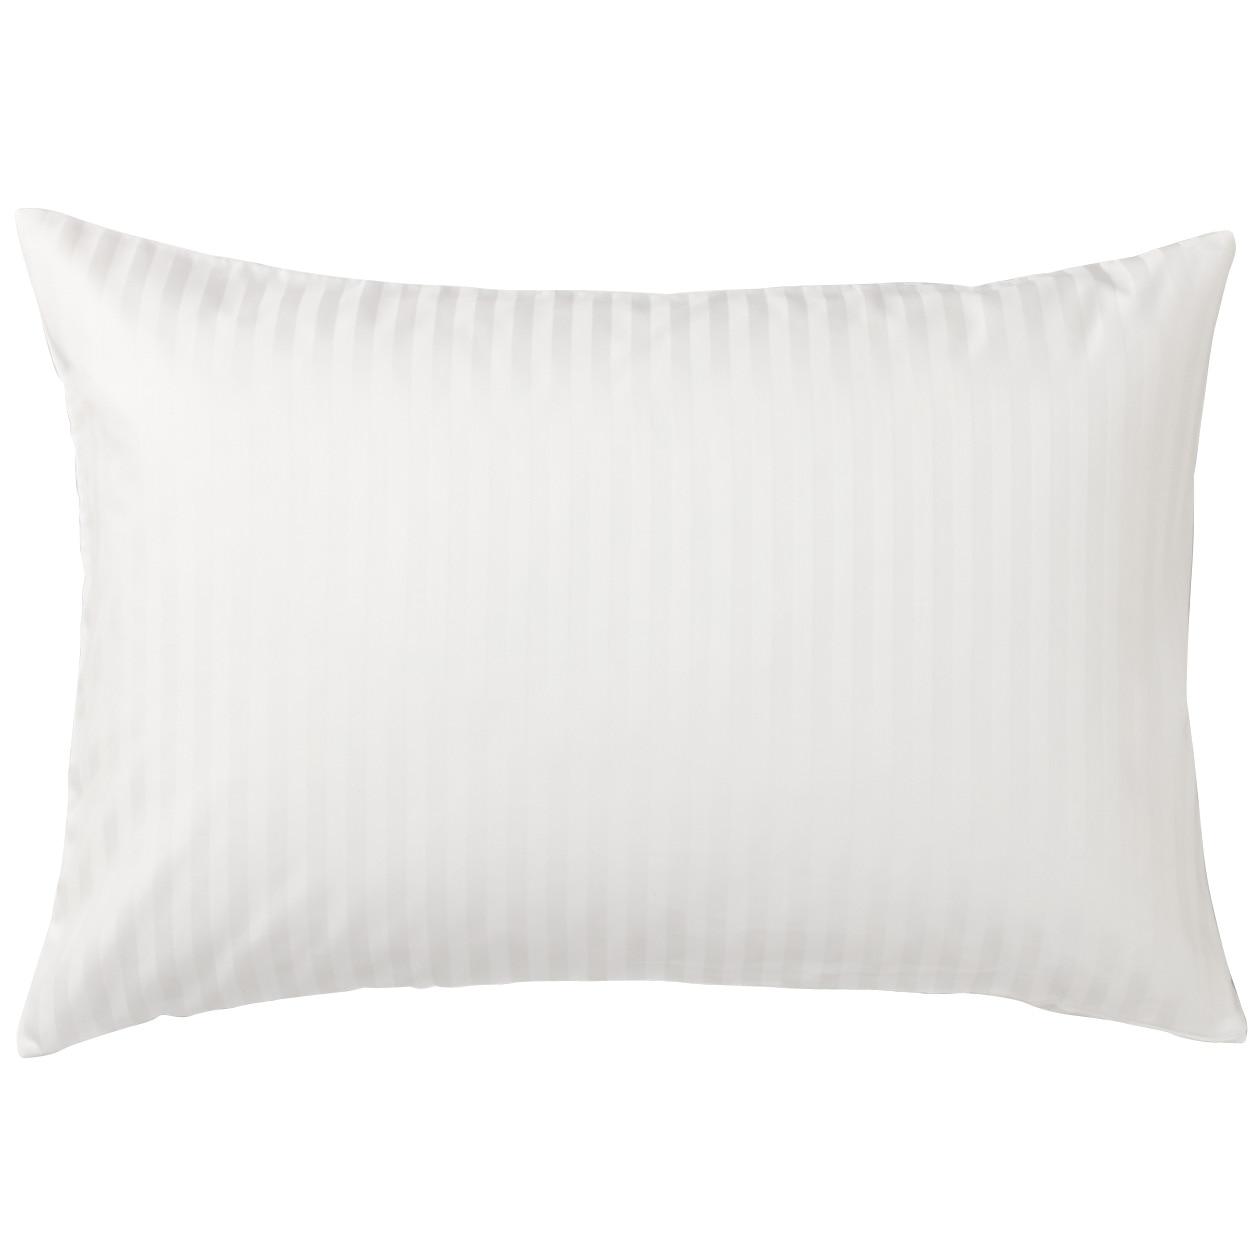 インド綿高密度サテン織ホテル仕様まくらカバー/オフ白ストライプ